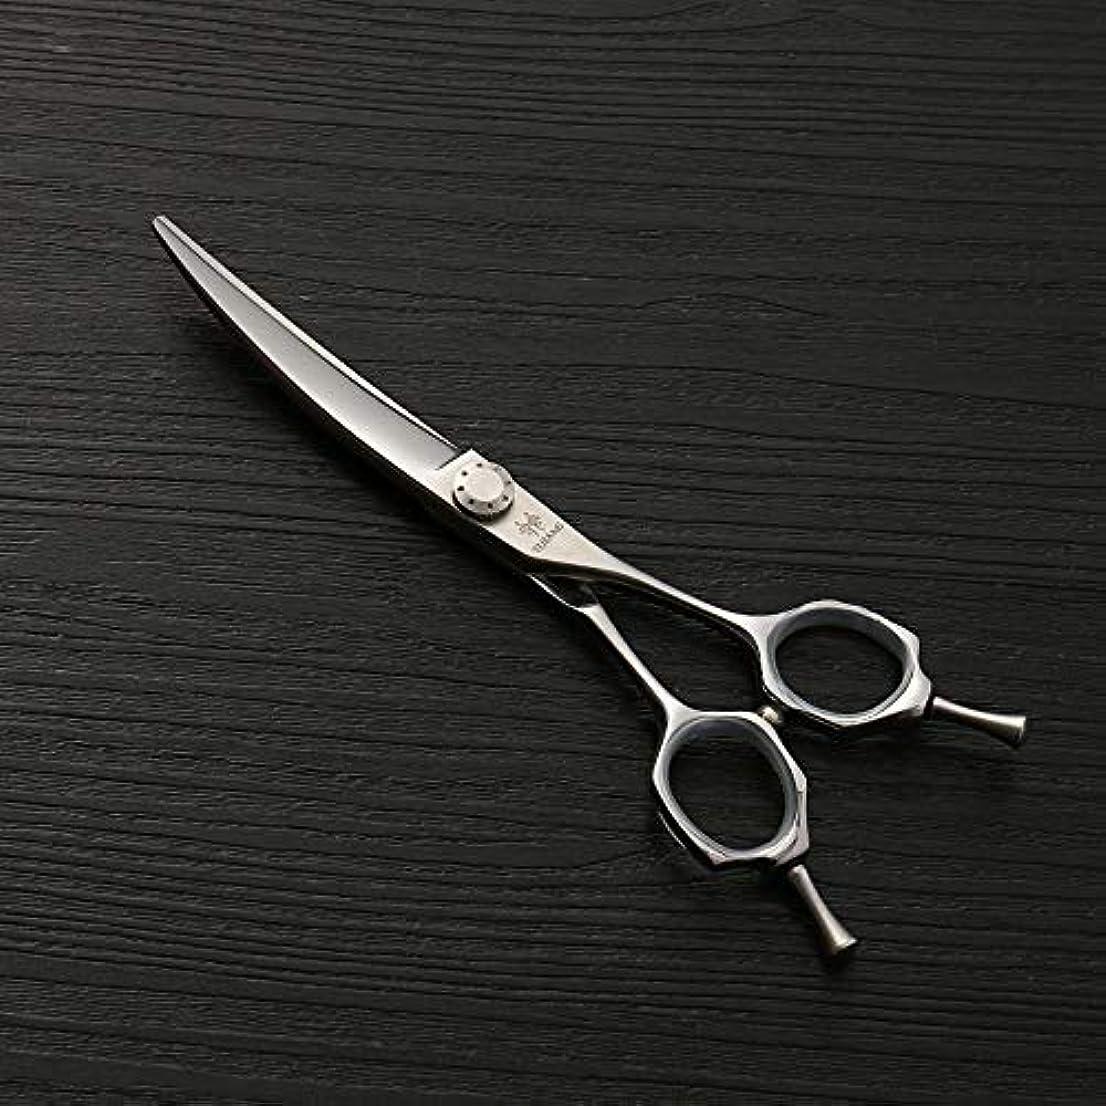 アラブサラボご覧ください知恵理髪用はさみ 6.0ファッション散髪はさみ、ヘアスタイリストのトレンド、440Cステンレス鋼理髪はさみ毛の切断はさみステンレス理髪はさみ (色 : Silver)